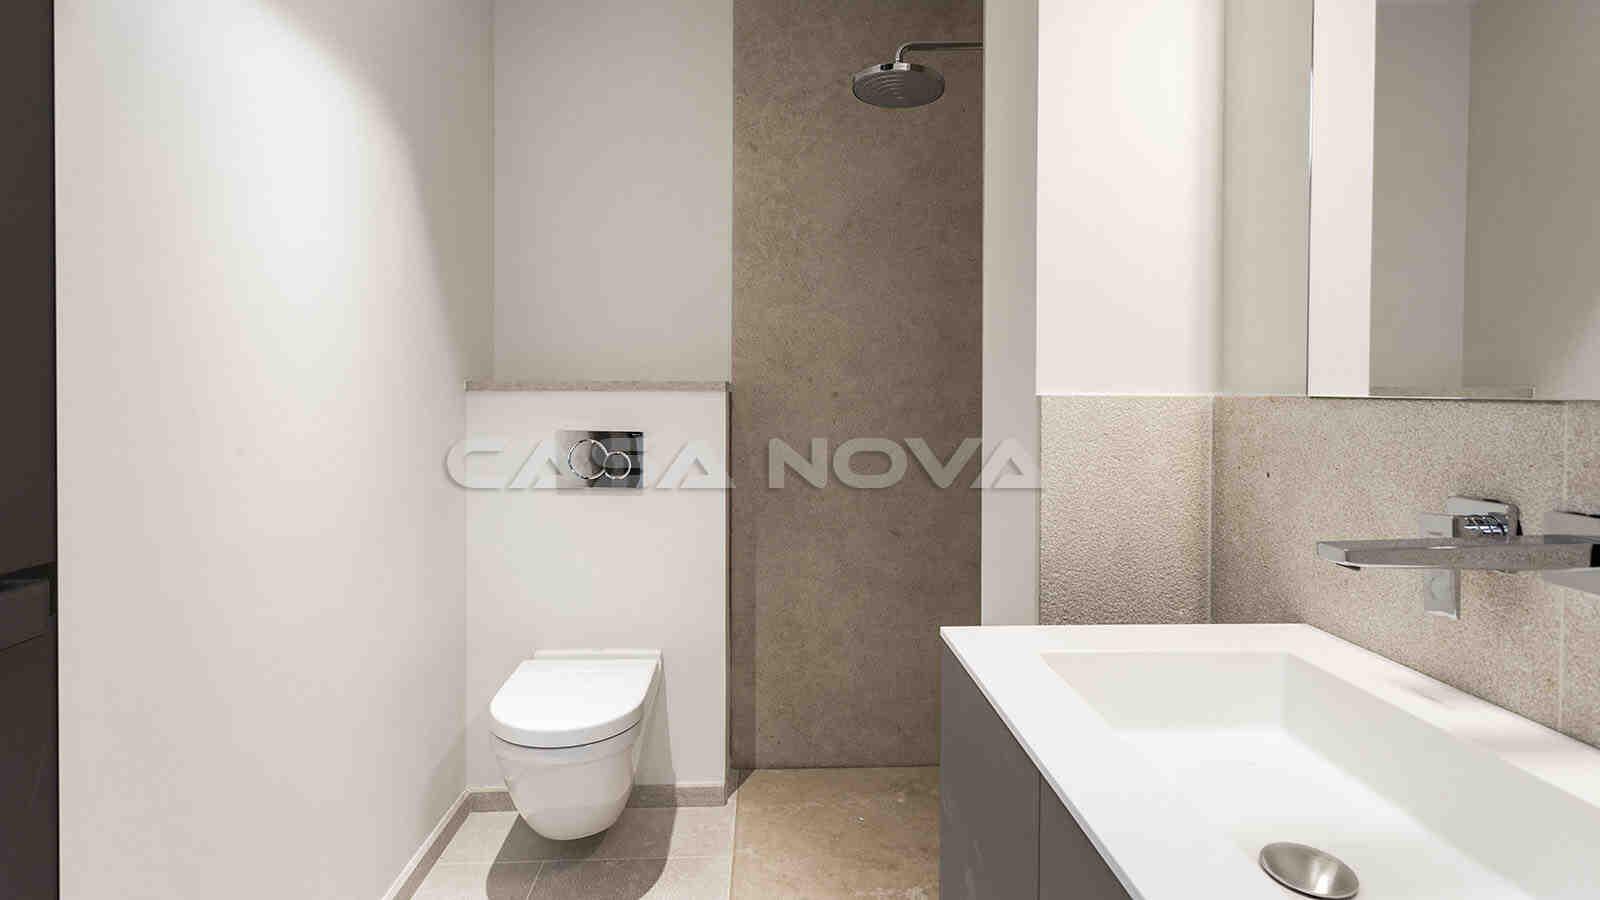 Modernes Badezimmer mit mediterranen Akzenten